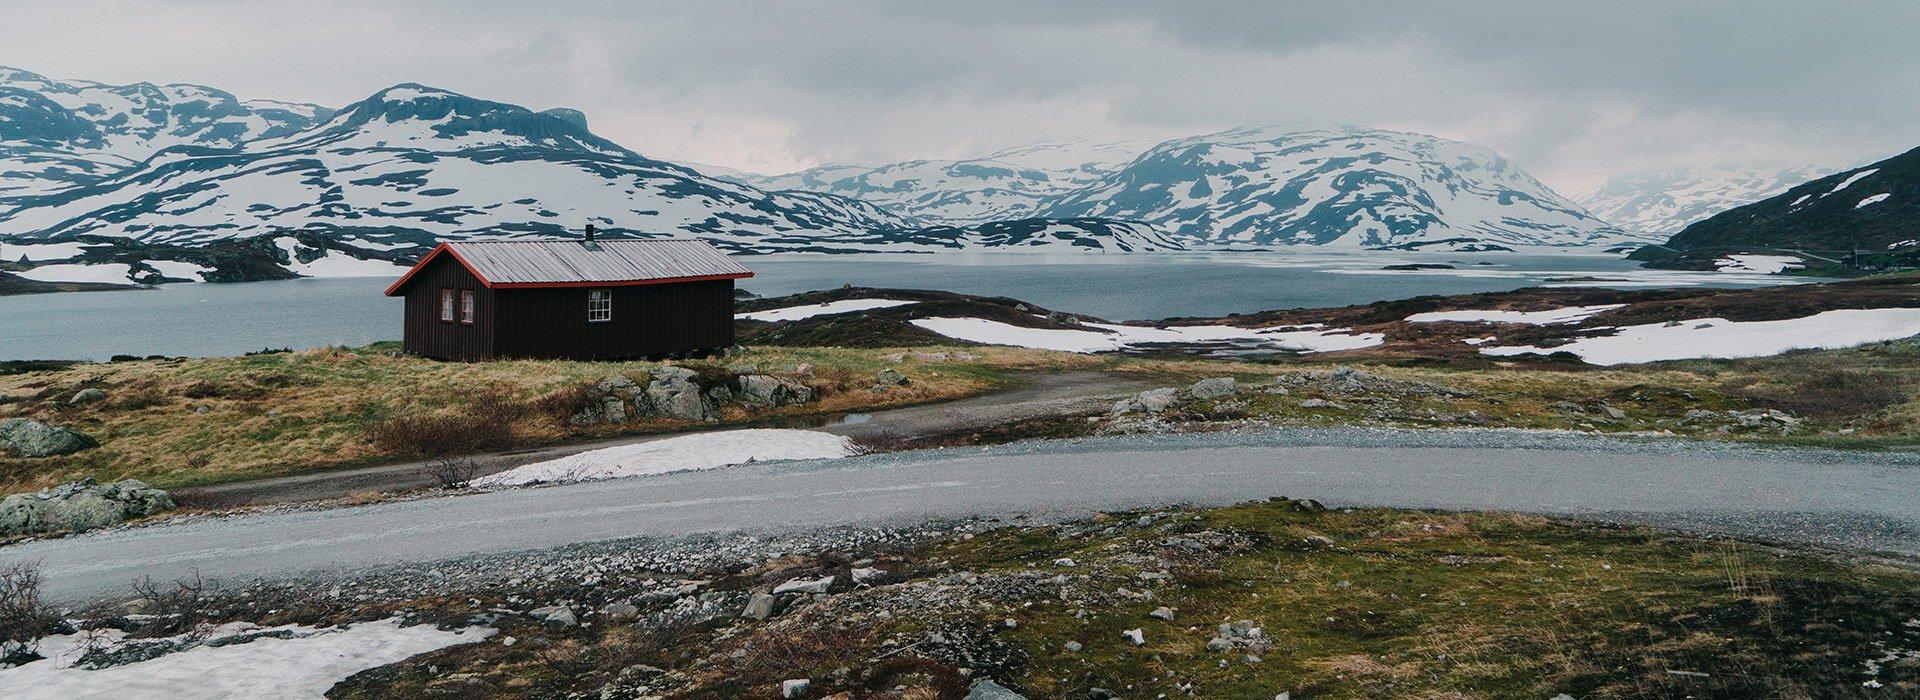 Арктика по-студенчески